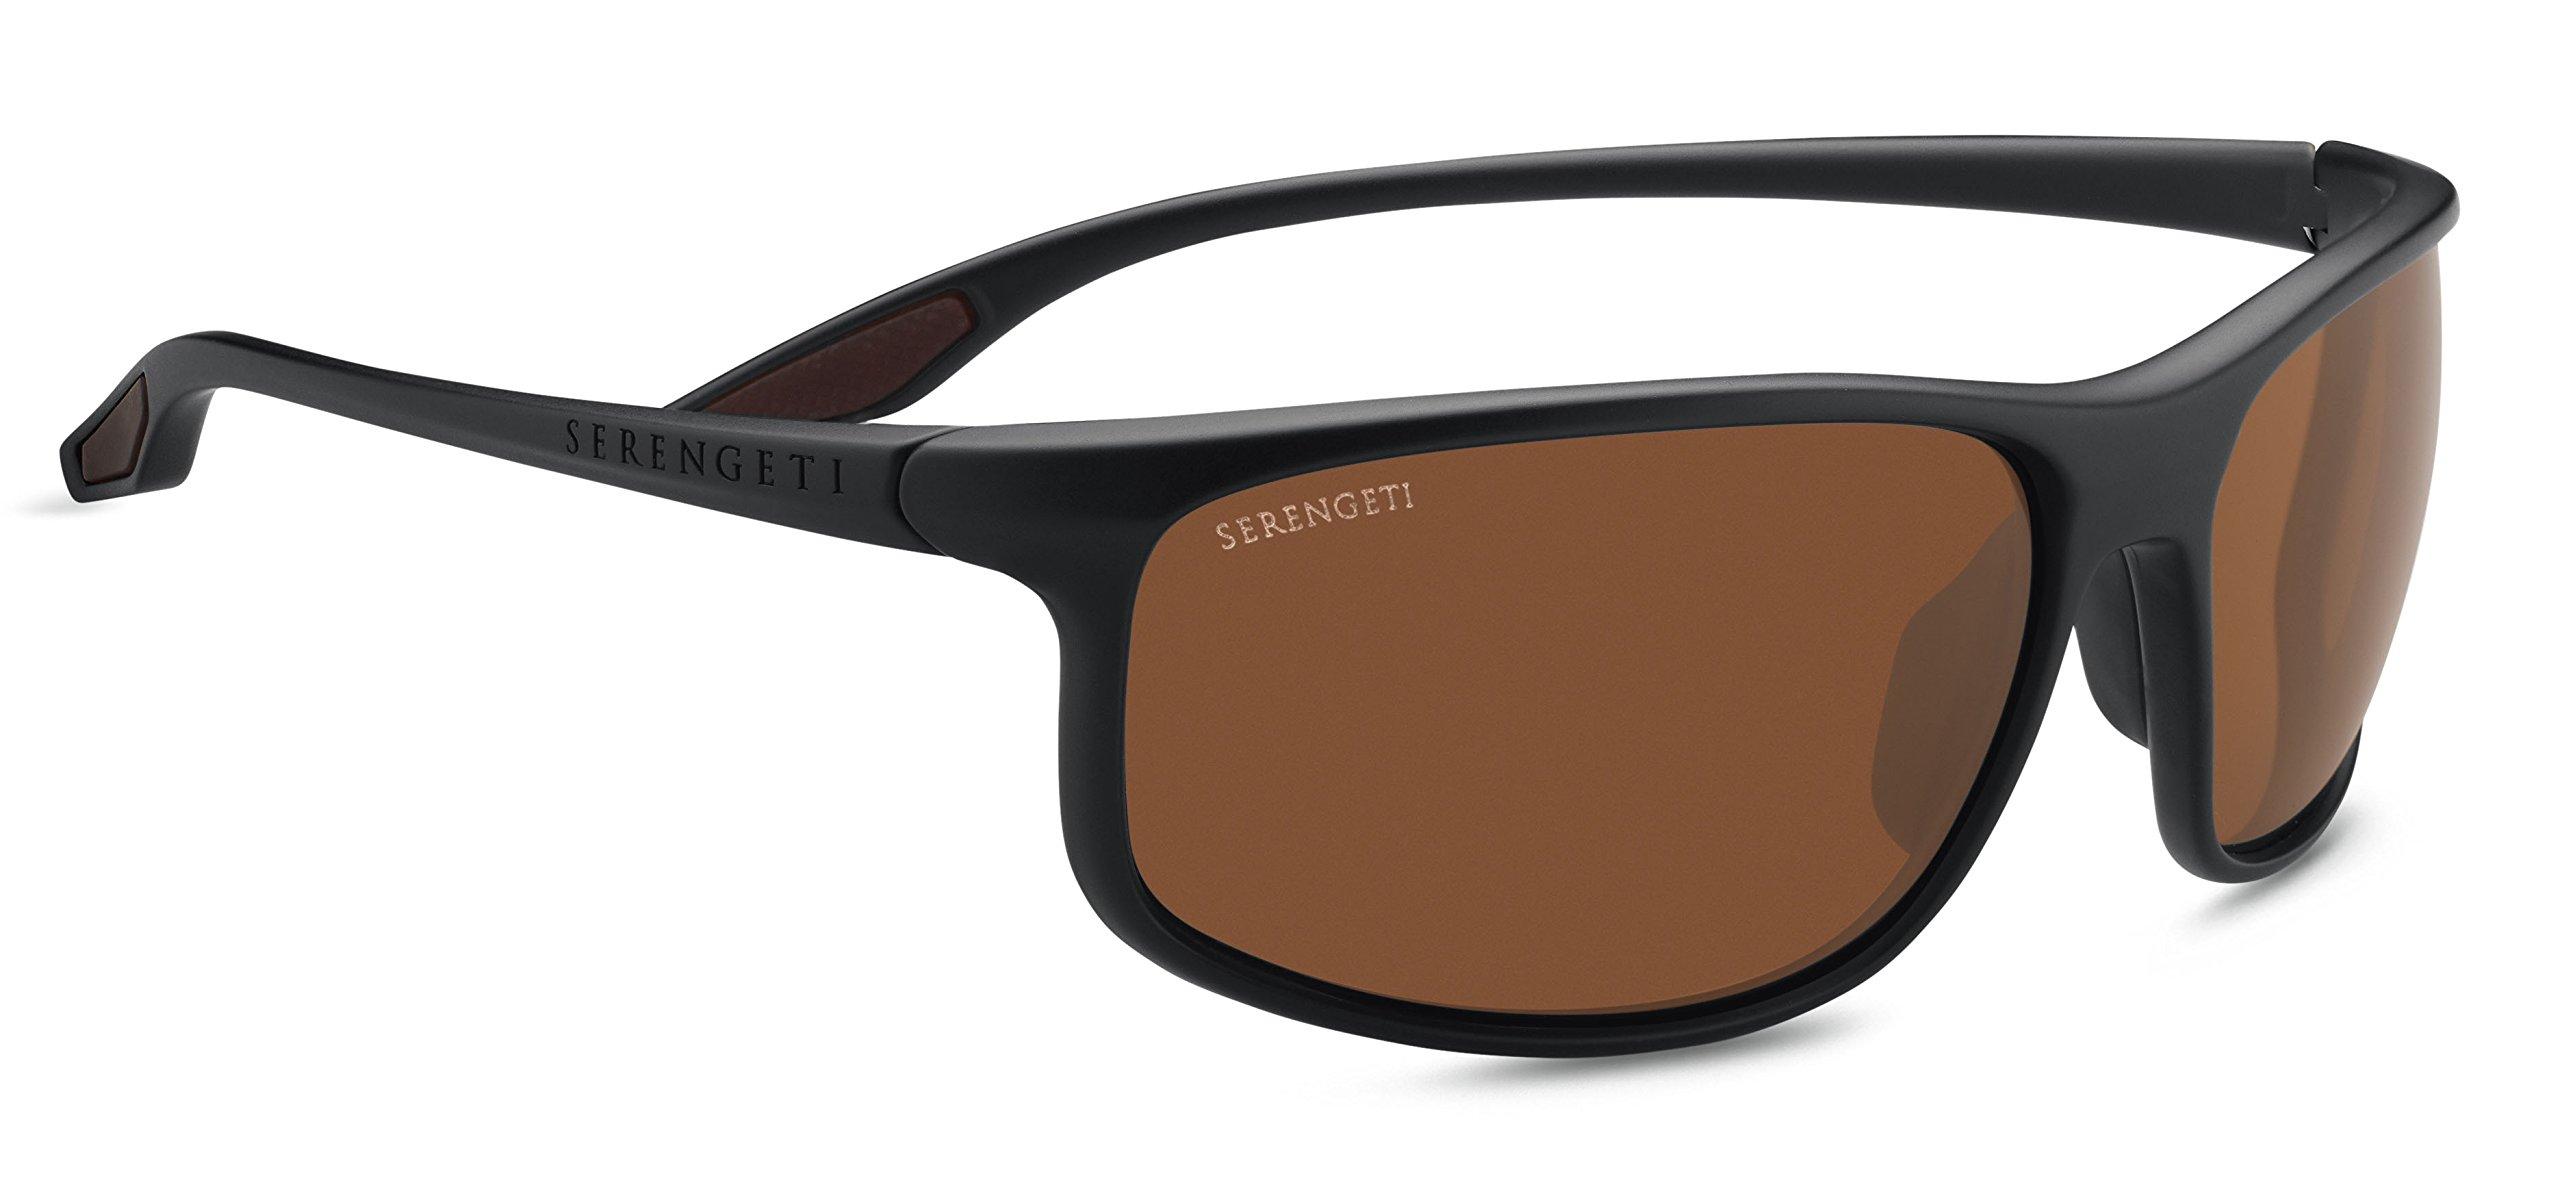 Serengeti Ponza Sunglasses Sanded Dark Rootbeer, Brown